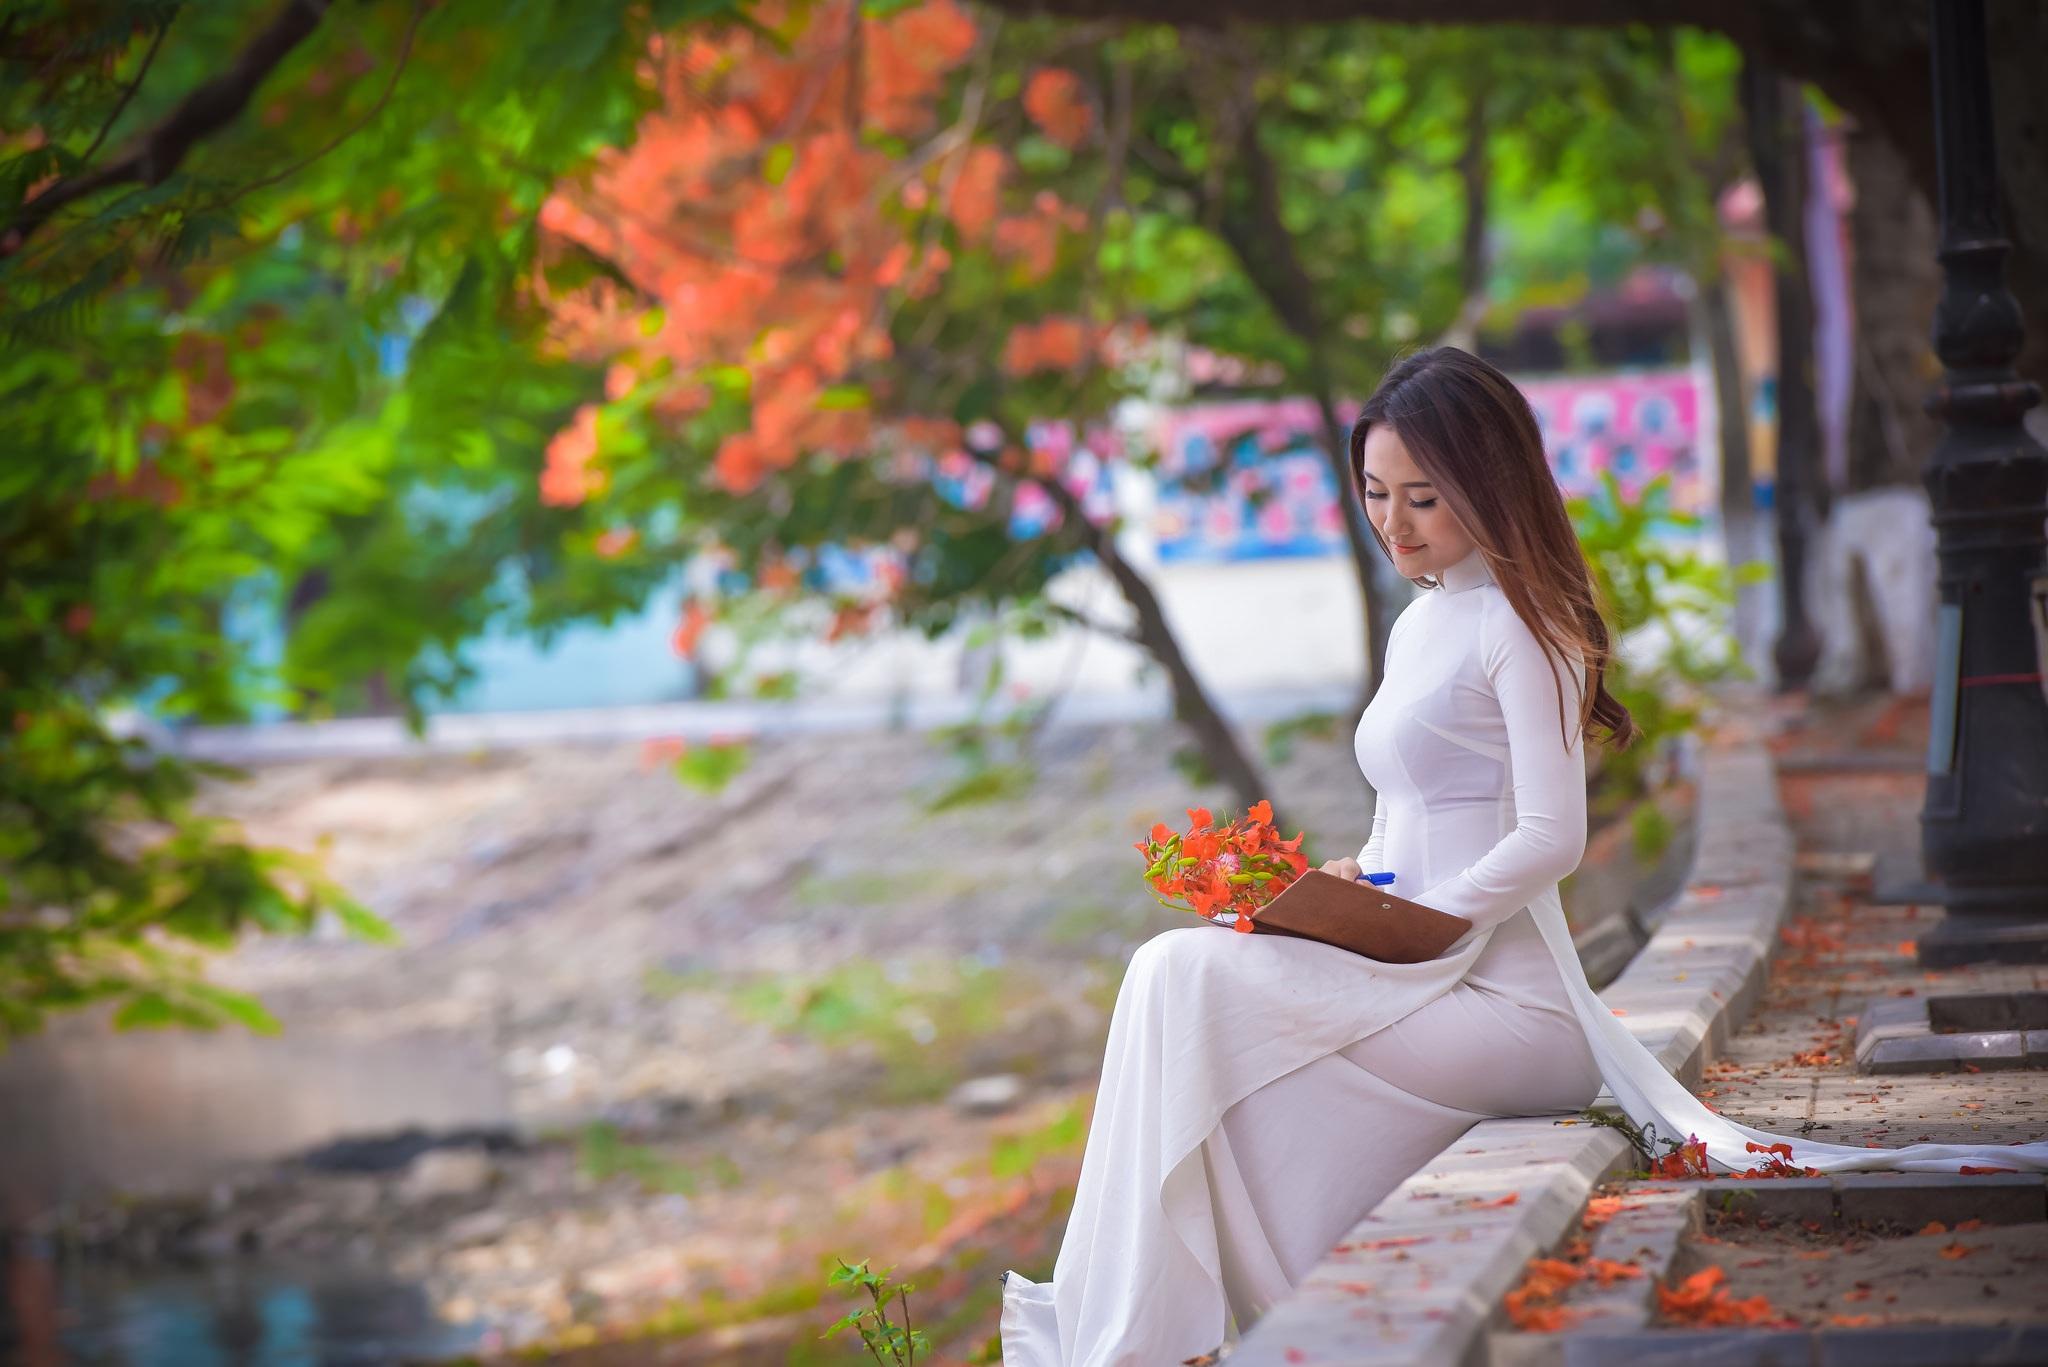 """Thiếu nữ Hà thành mơ màng bên hoa phượng """"rực cháy"""" - 3"""